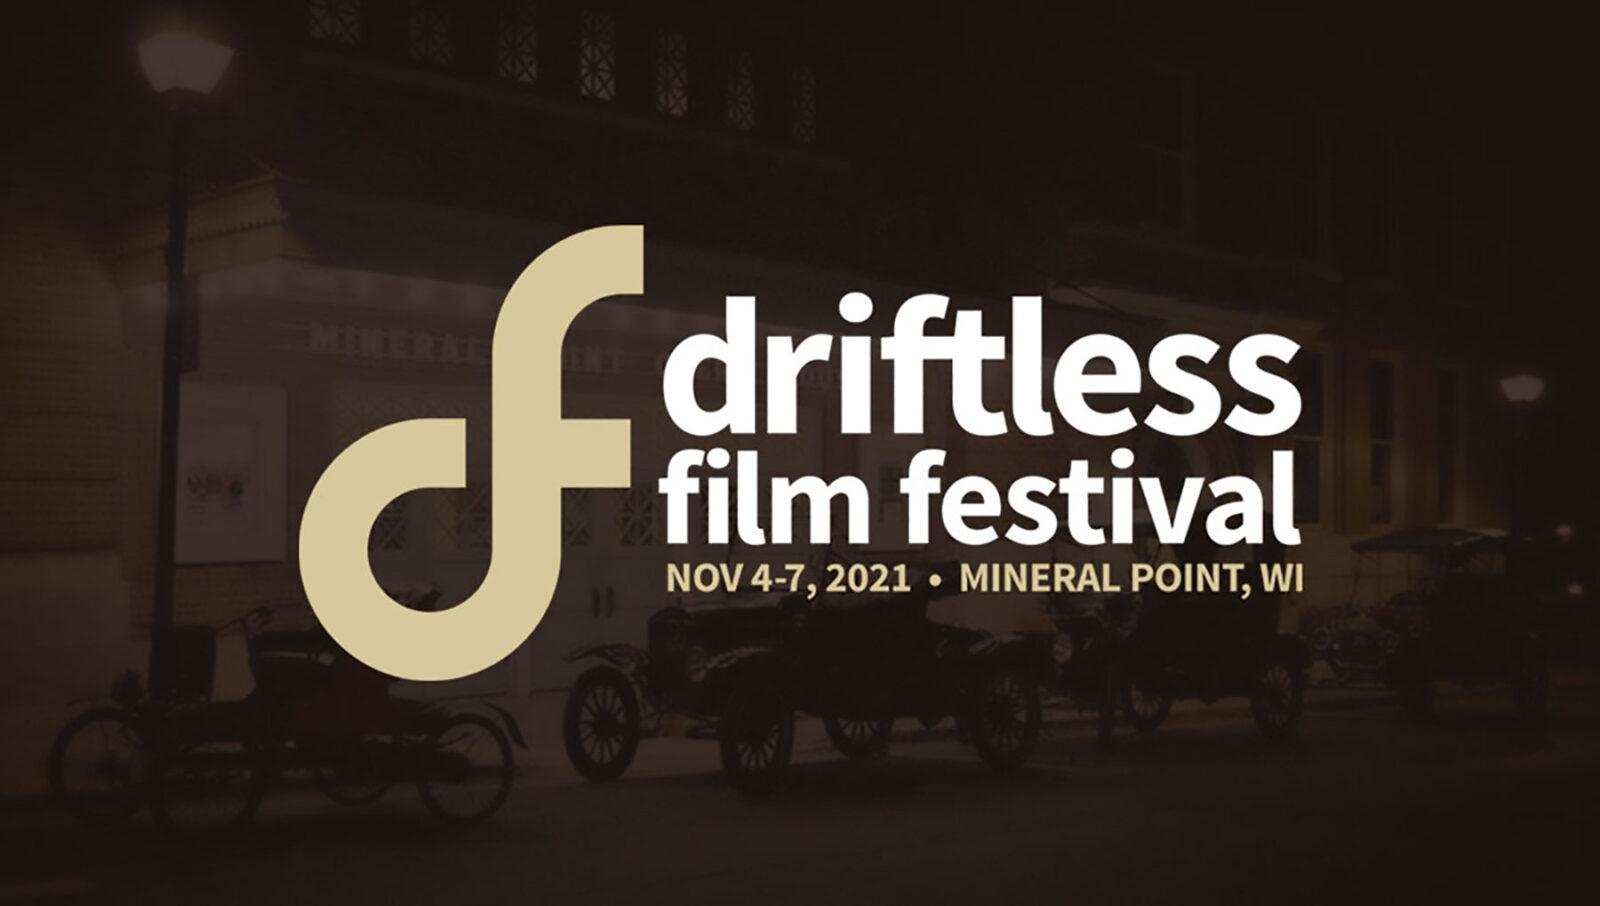 2021 Driftless Film Festival